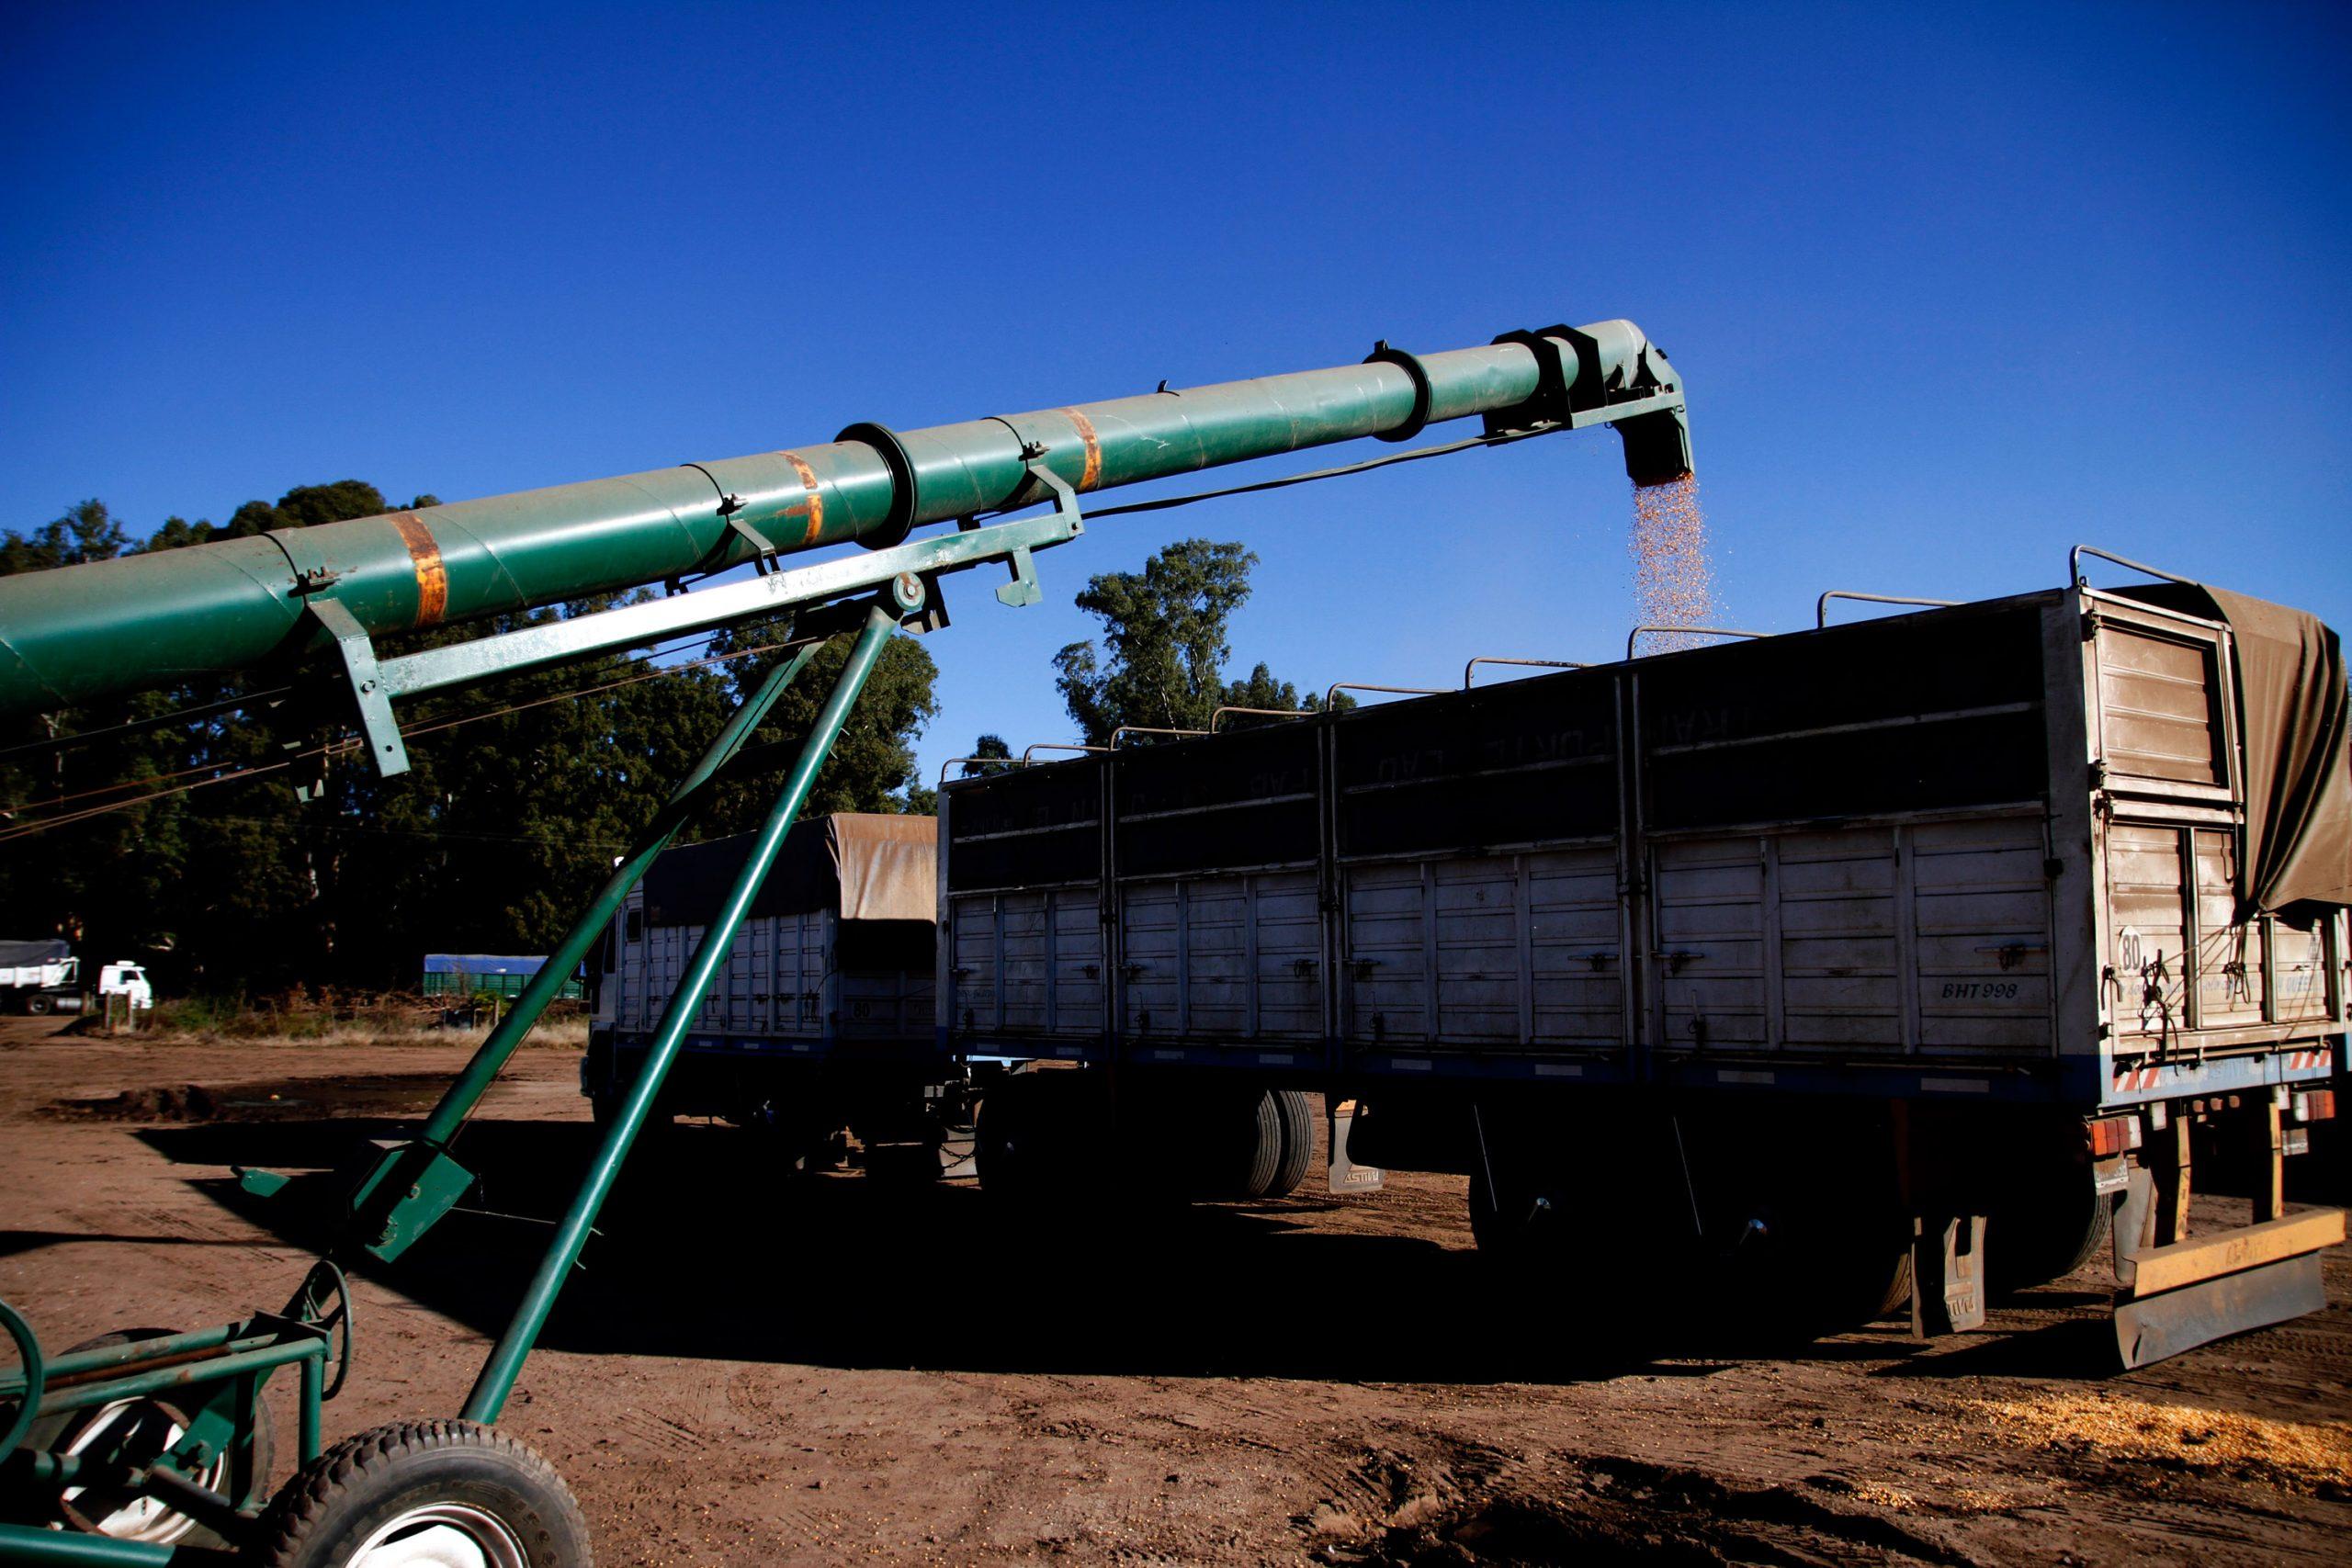 Santa Fe: no habrá impuesto extra a productores para caminos rurales